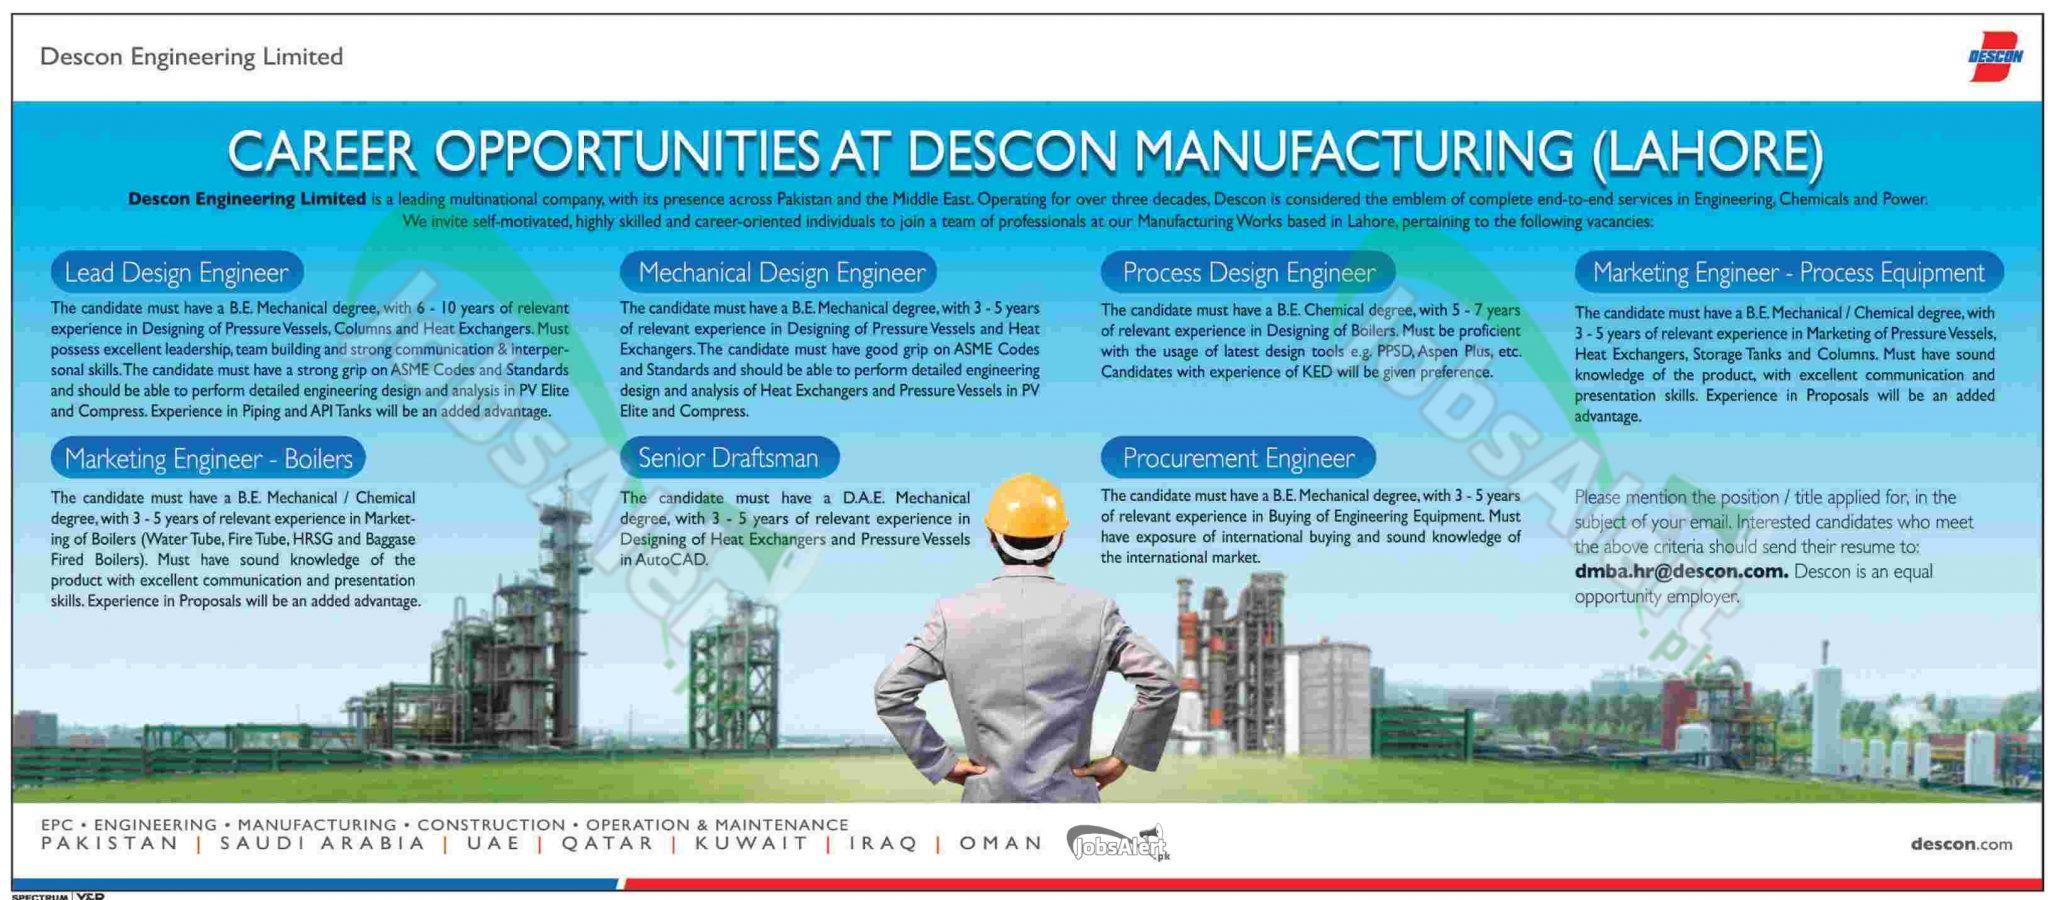 Descon Engineering Ltd Lahore